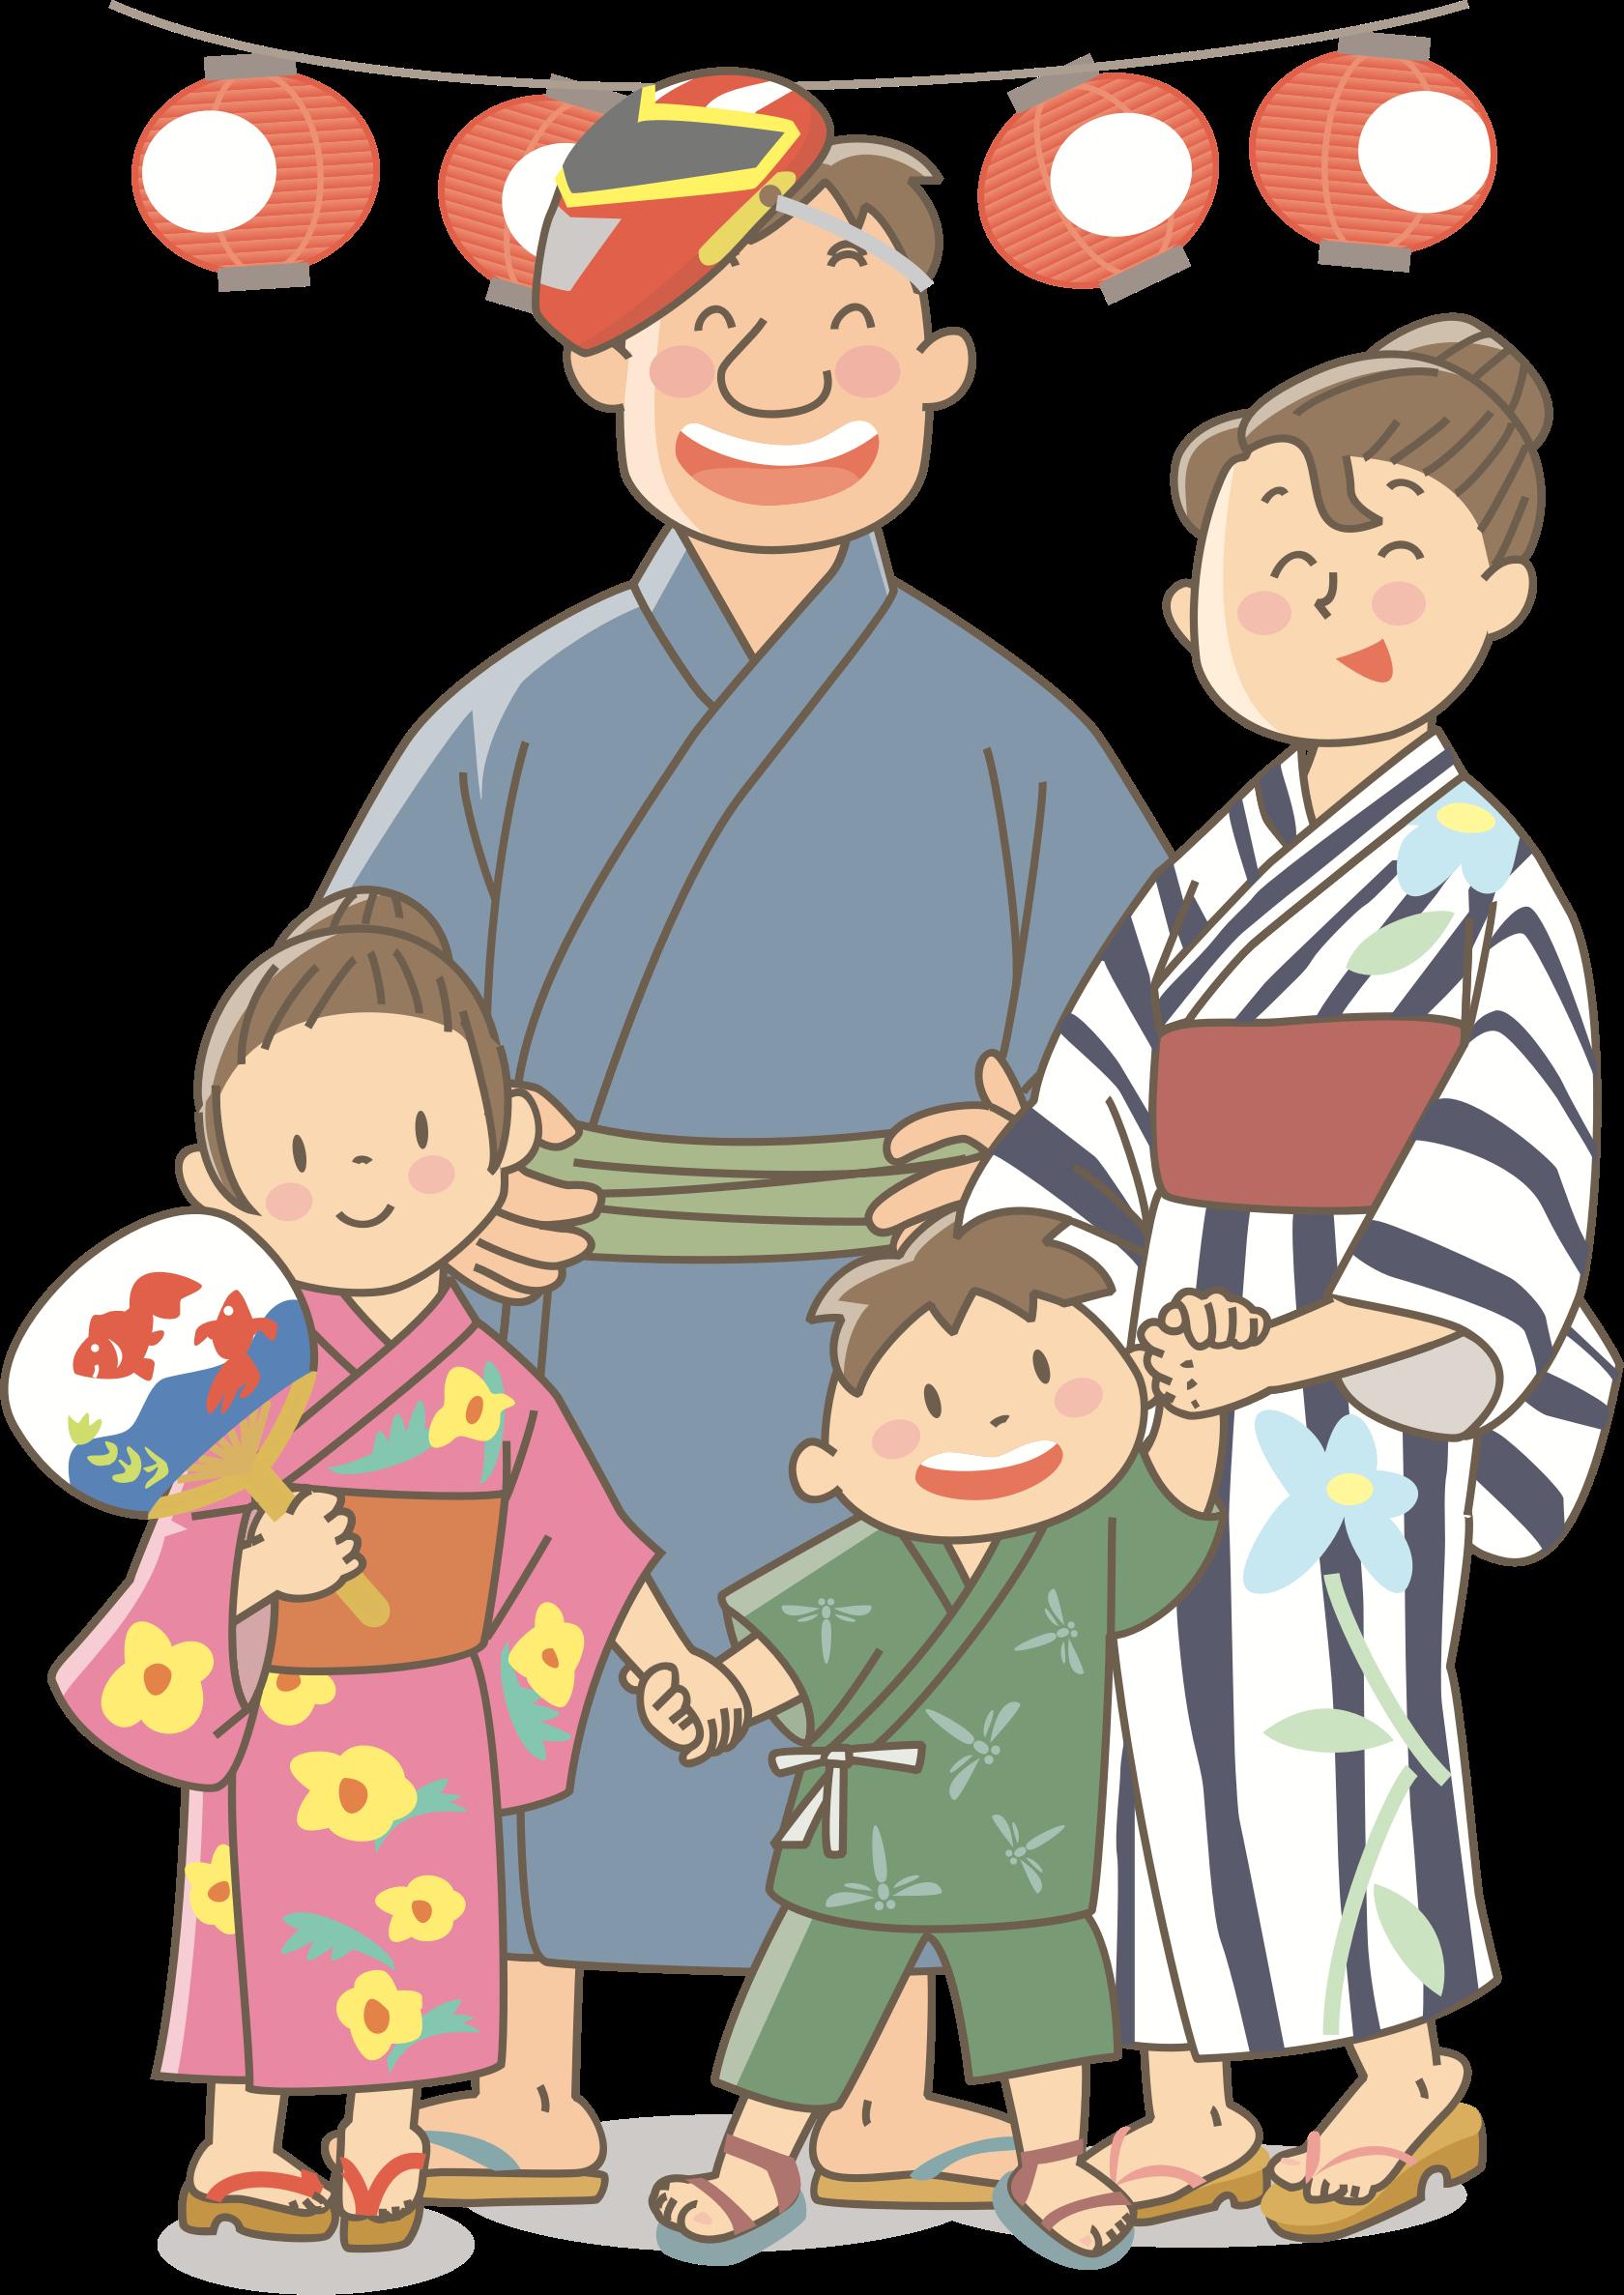 Person clipart summer. Kimono big image png